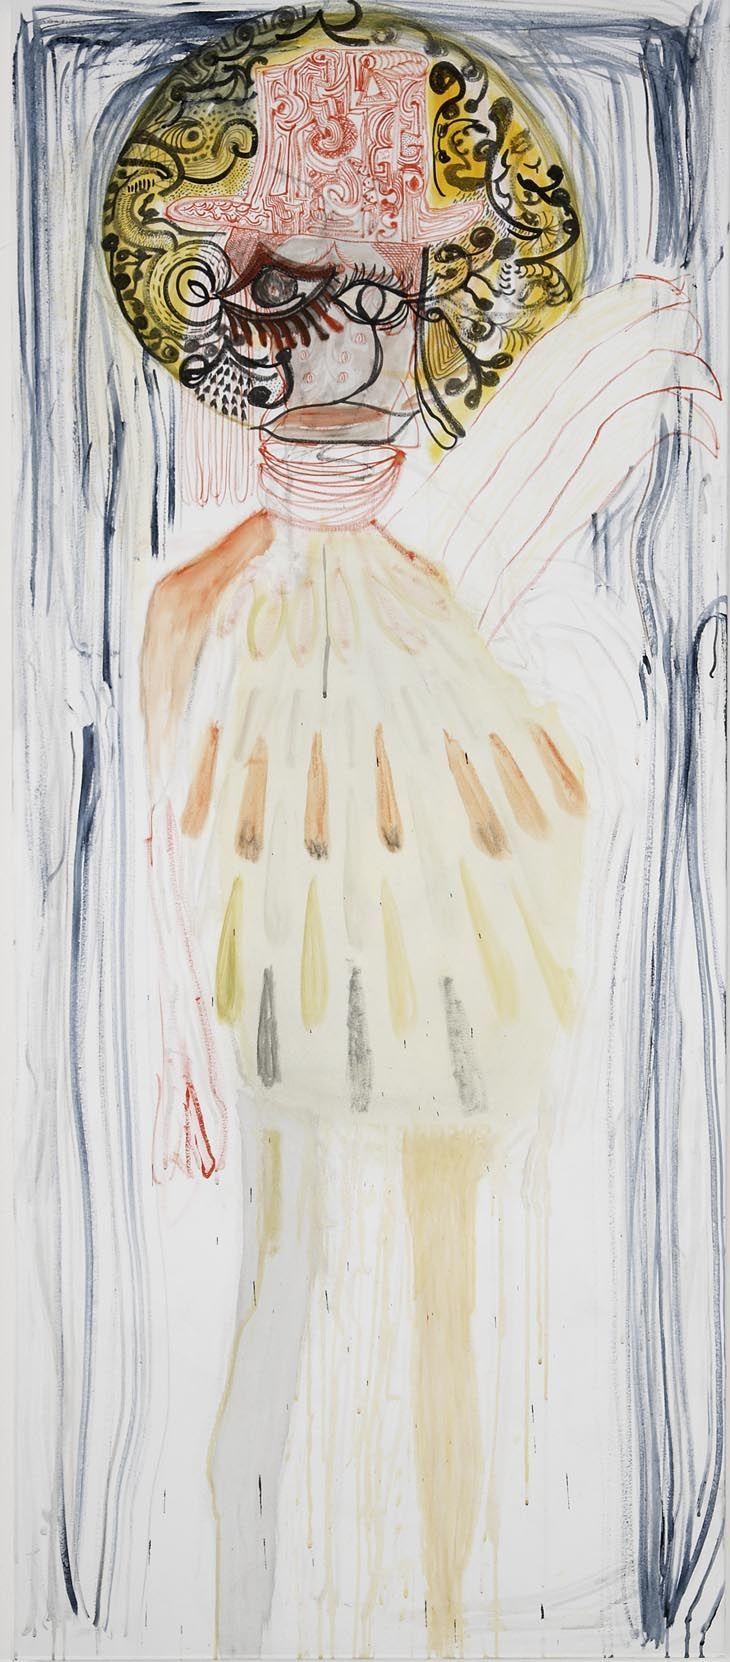 Peter Linde Busk - Man Dressed As God